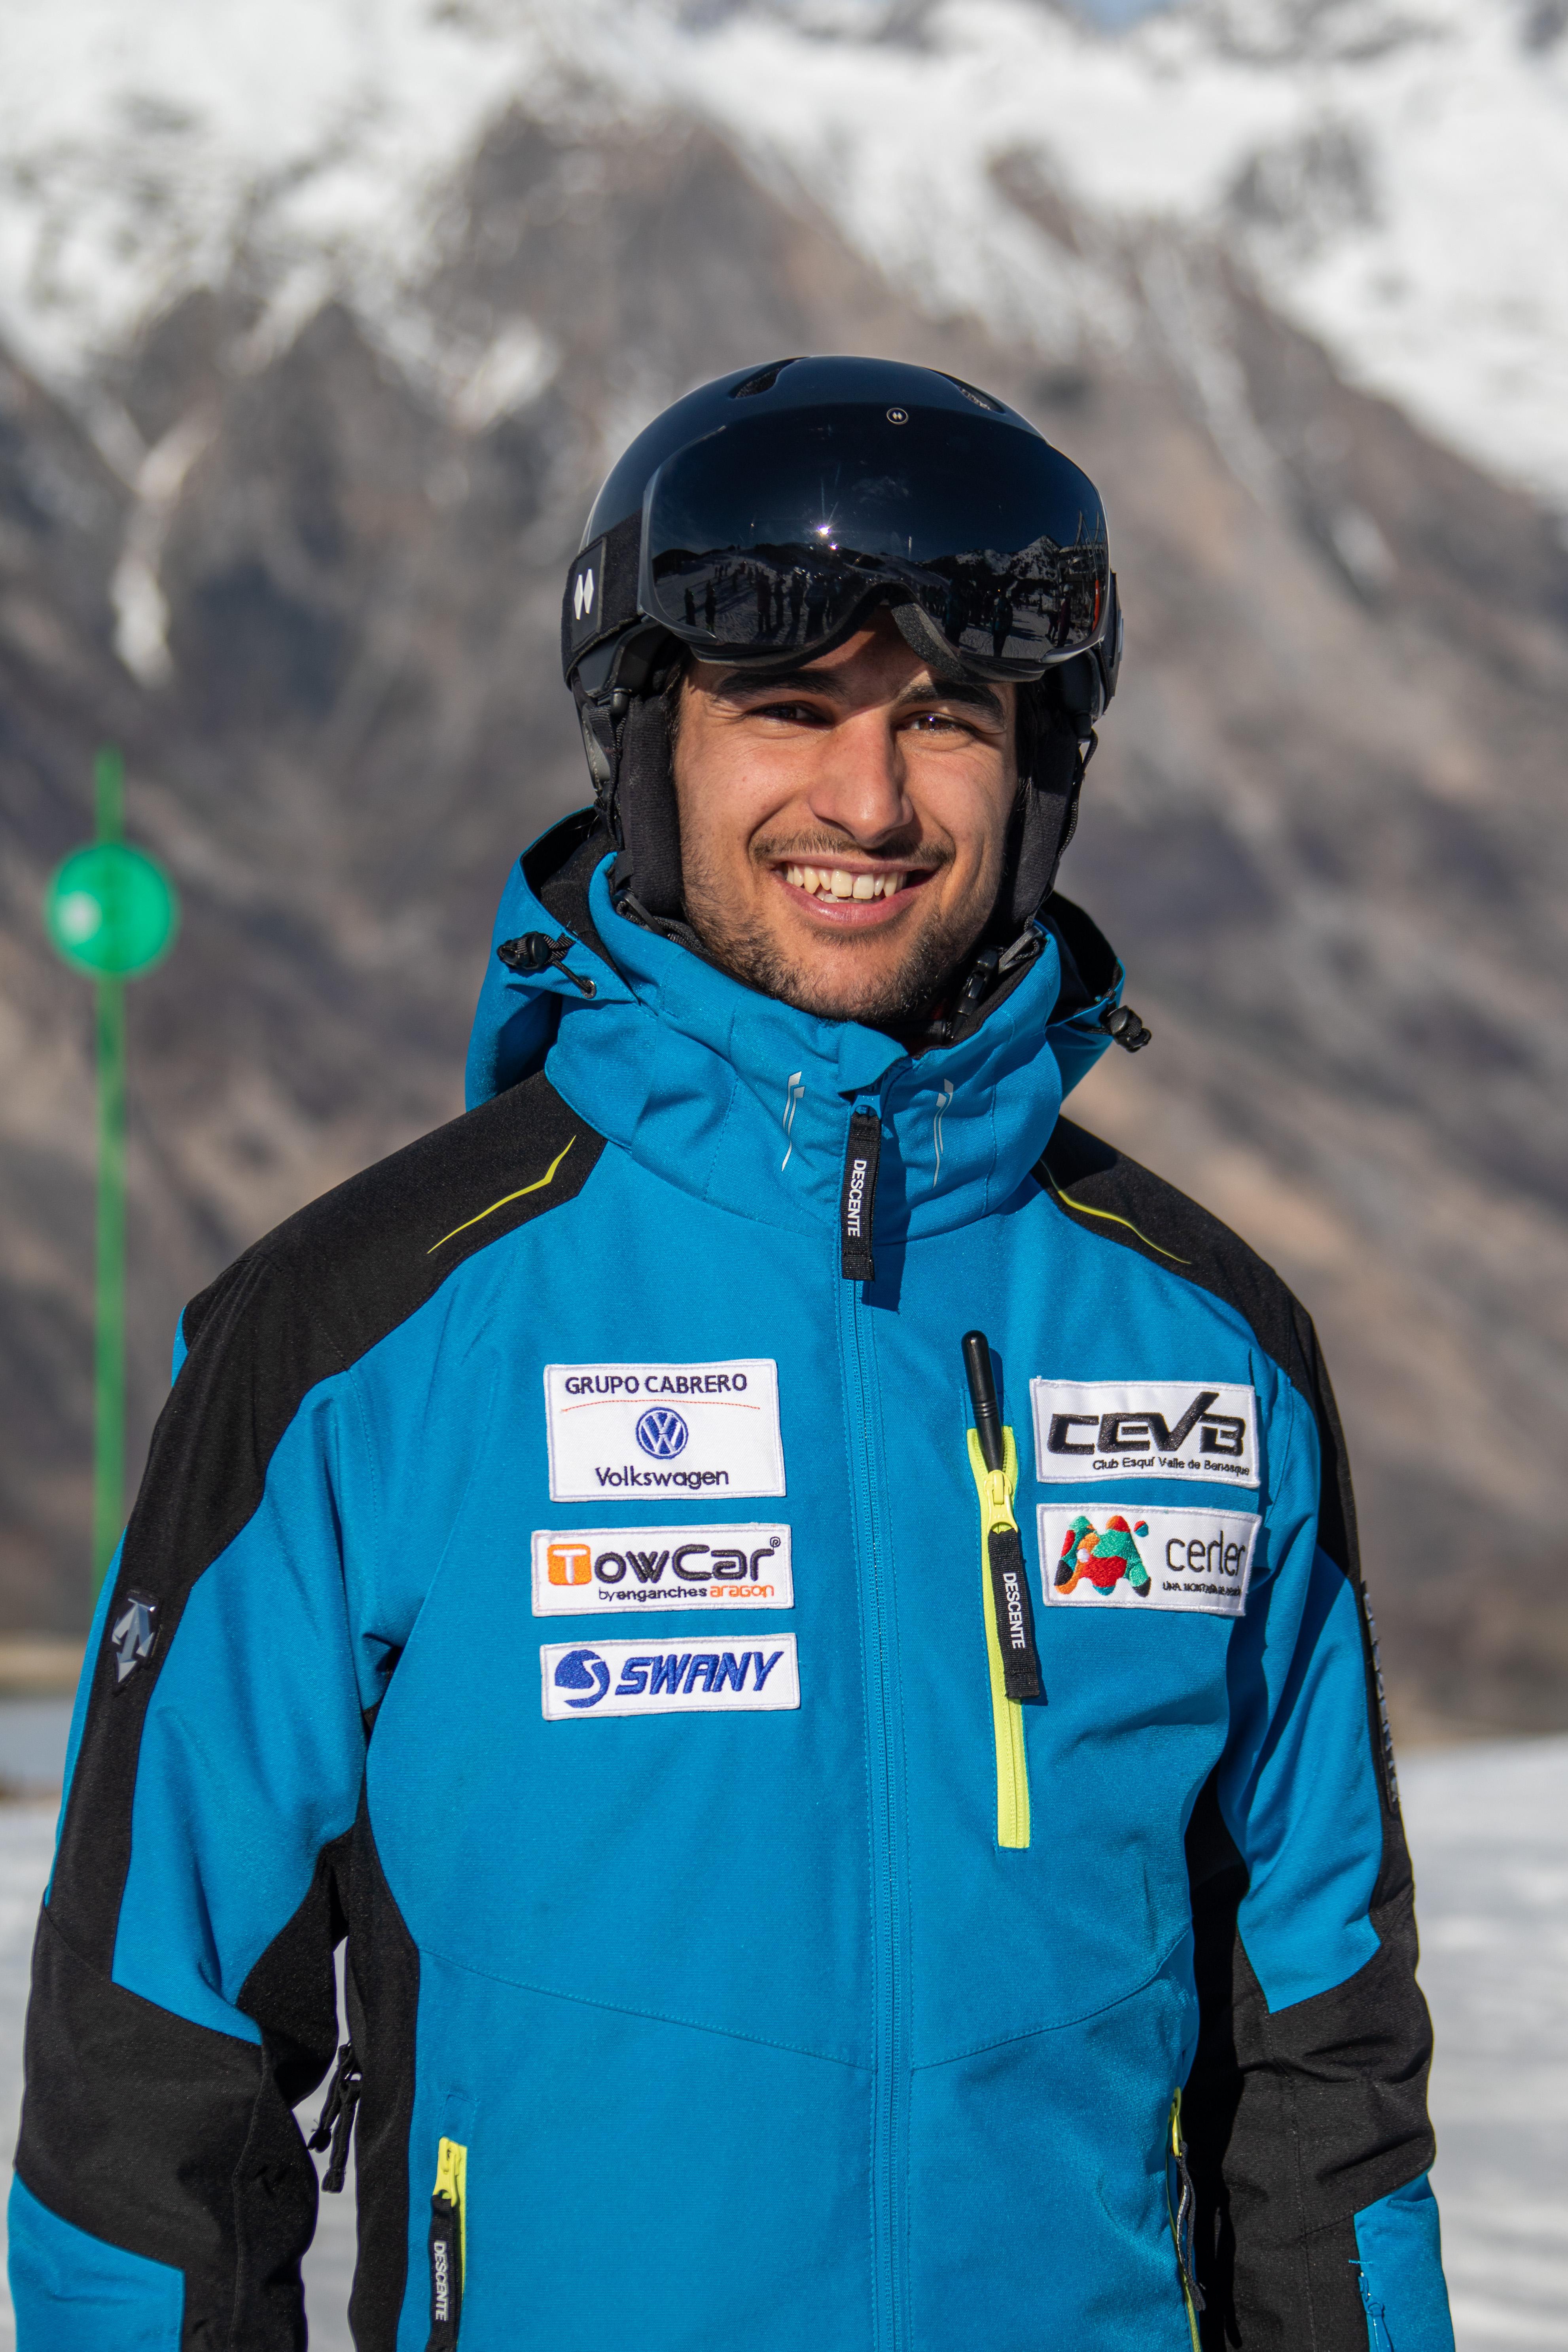 Ruben Subias